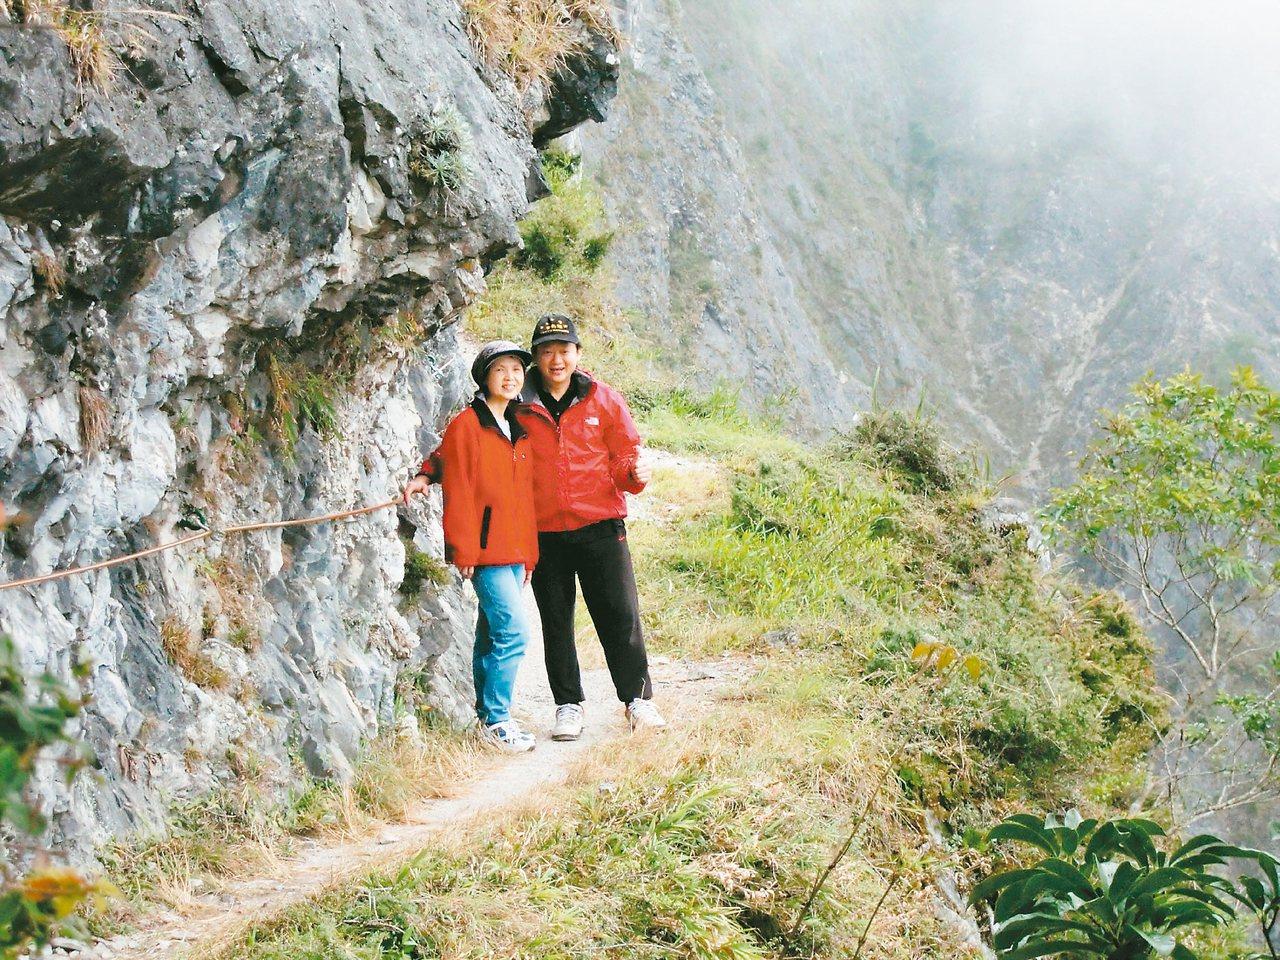 太太張媚(左)是葉金川的最佳夥伴,常相伴健走、玩樂。圖/葉金川提供